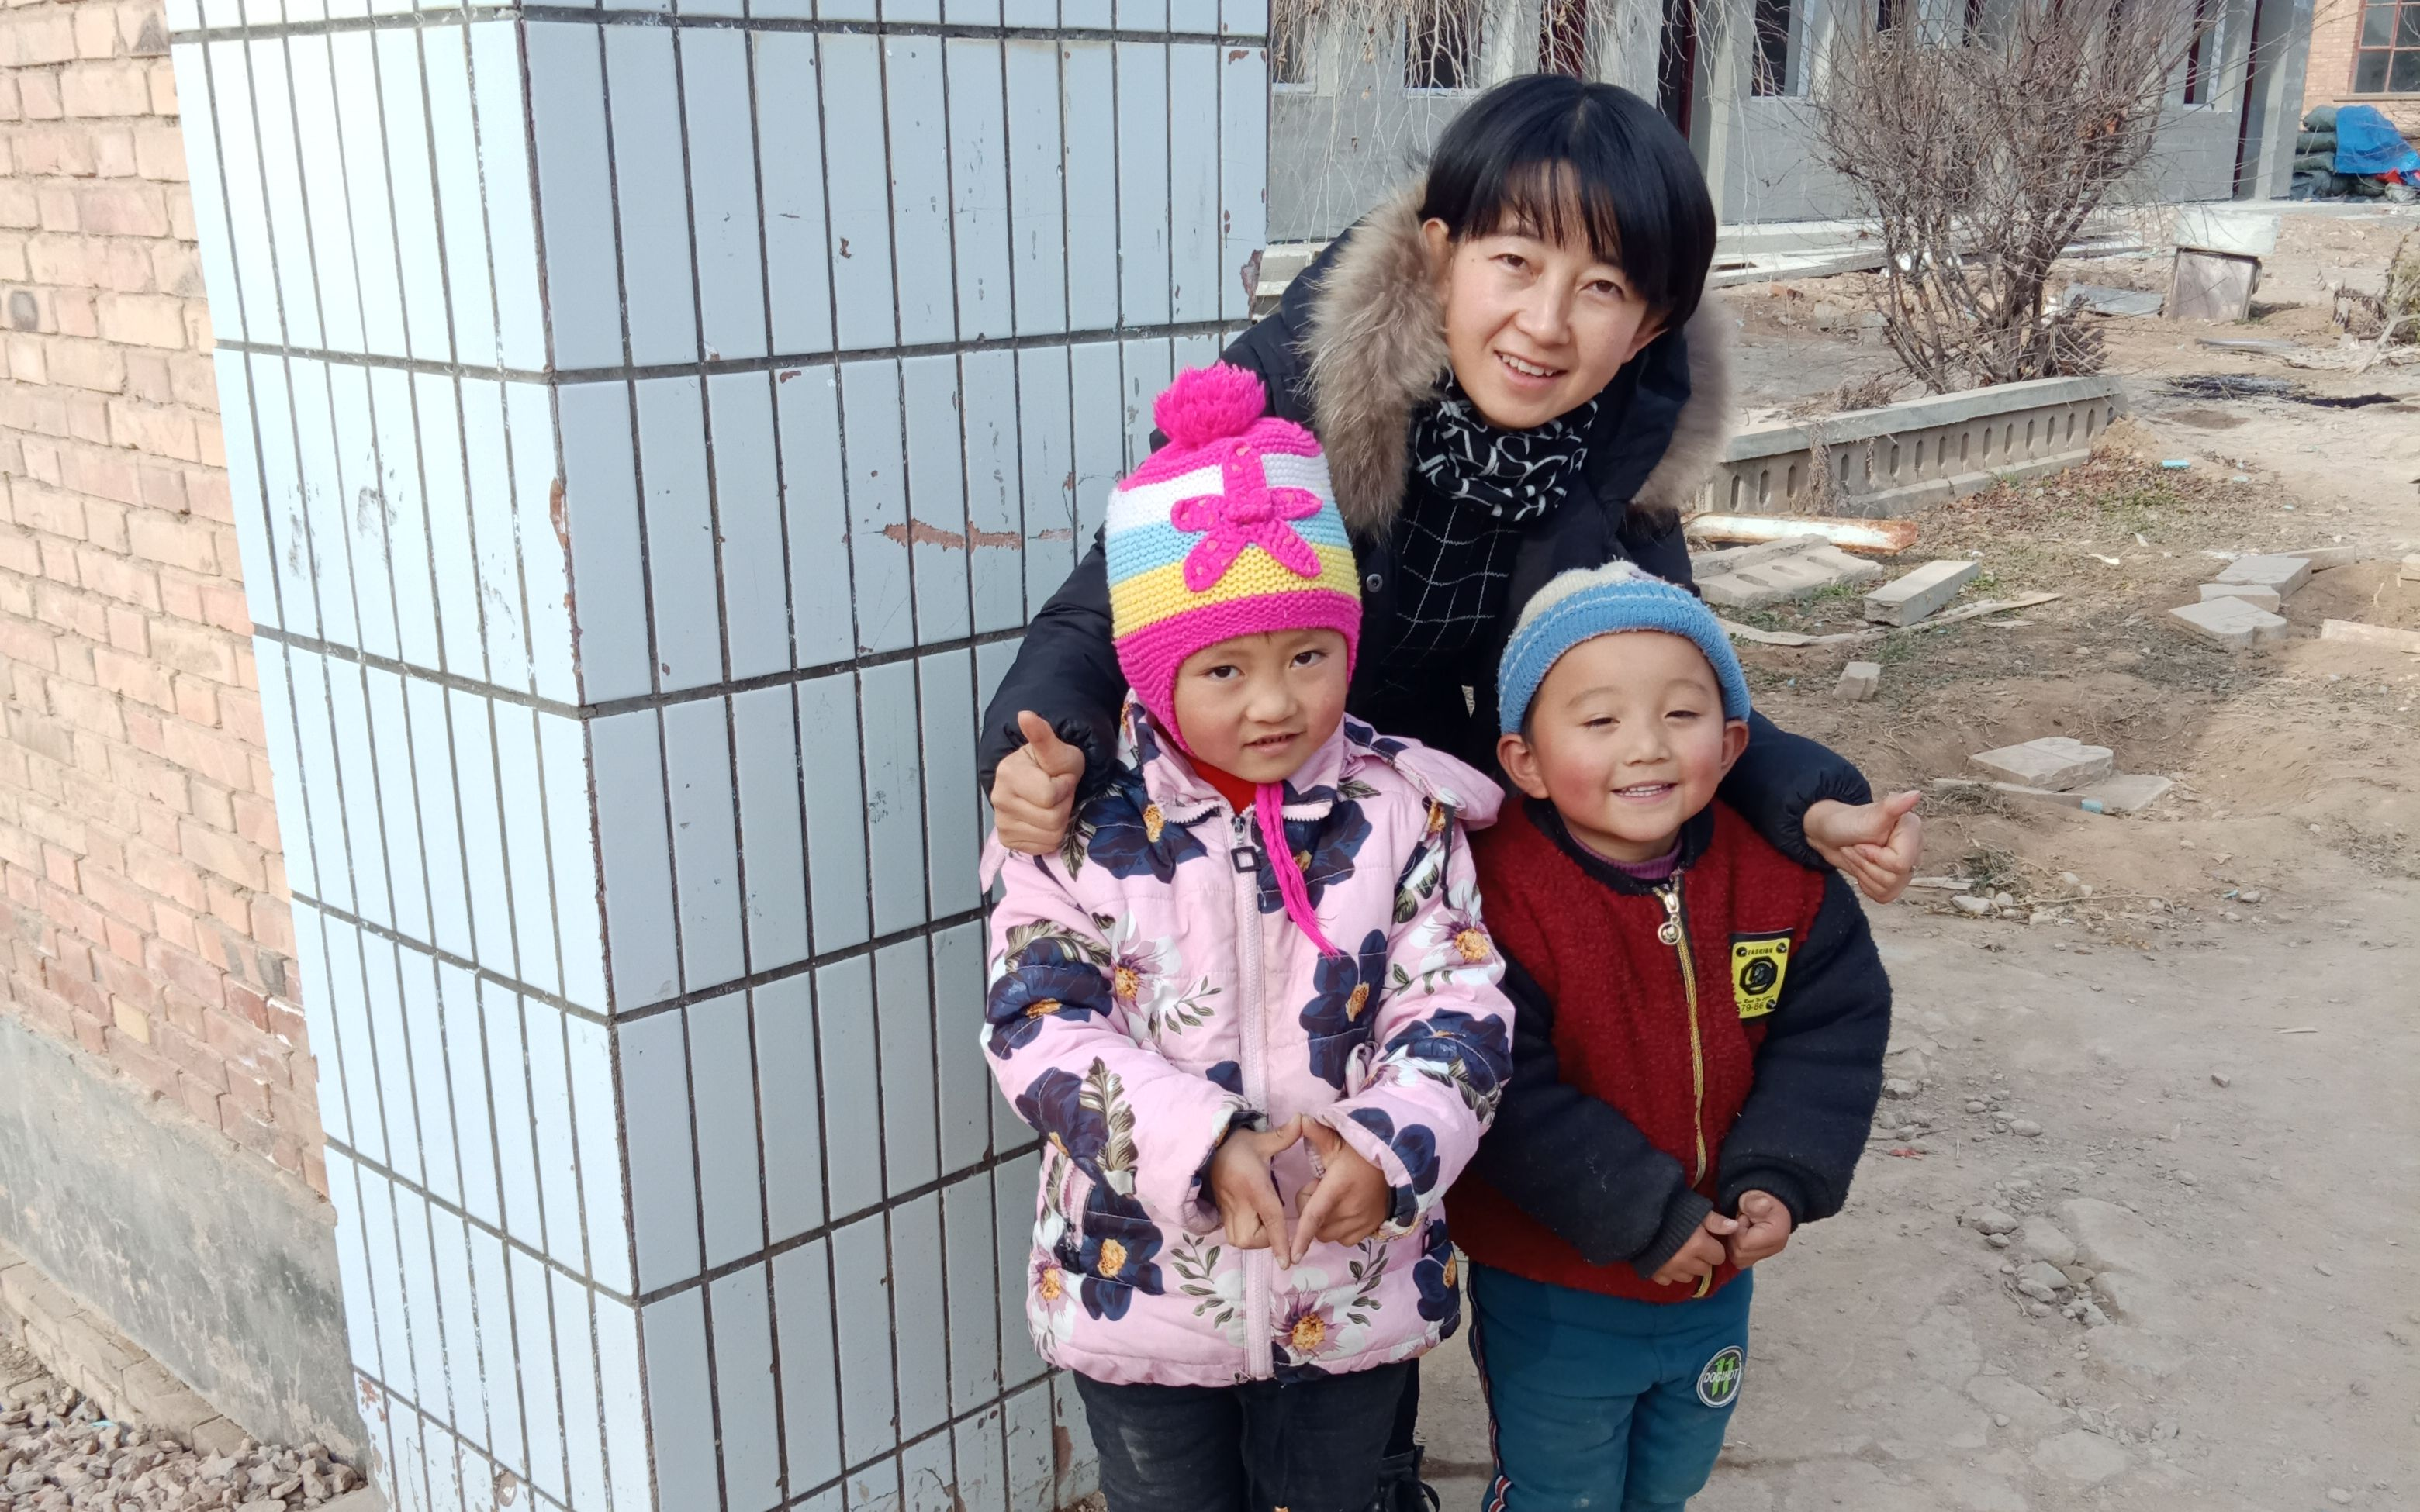 梁红霞 给留守儿童更多关爱 让农村孩子见识更广阔世界